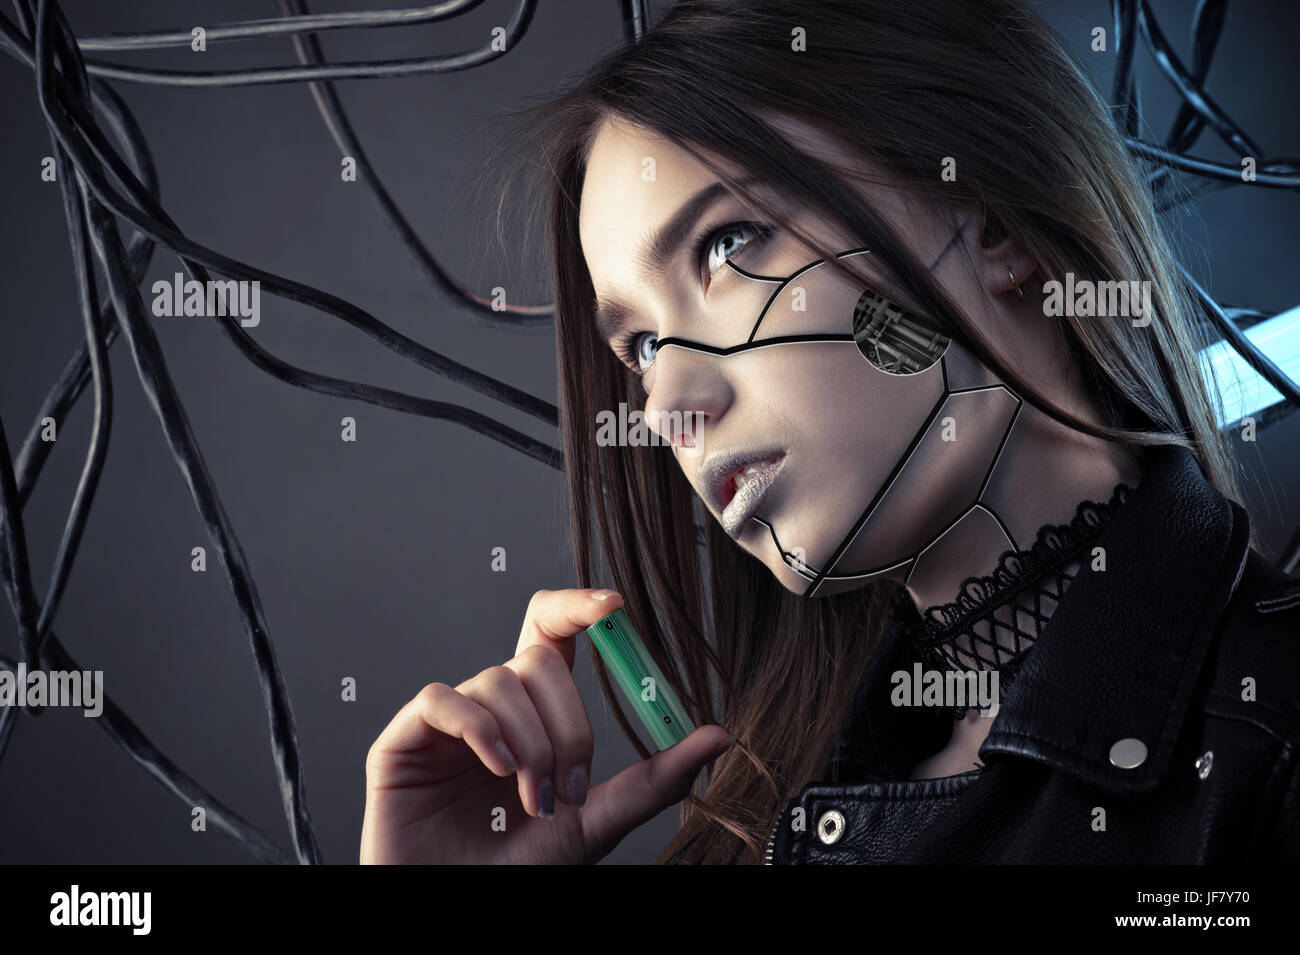 bezauberndes Robot Girl mit Cyberpunk-Stil Make-up hält die Batterie in der hand, Konzept-Energieeinsparung Stockbild